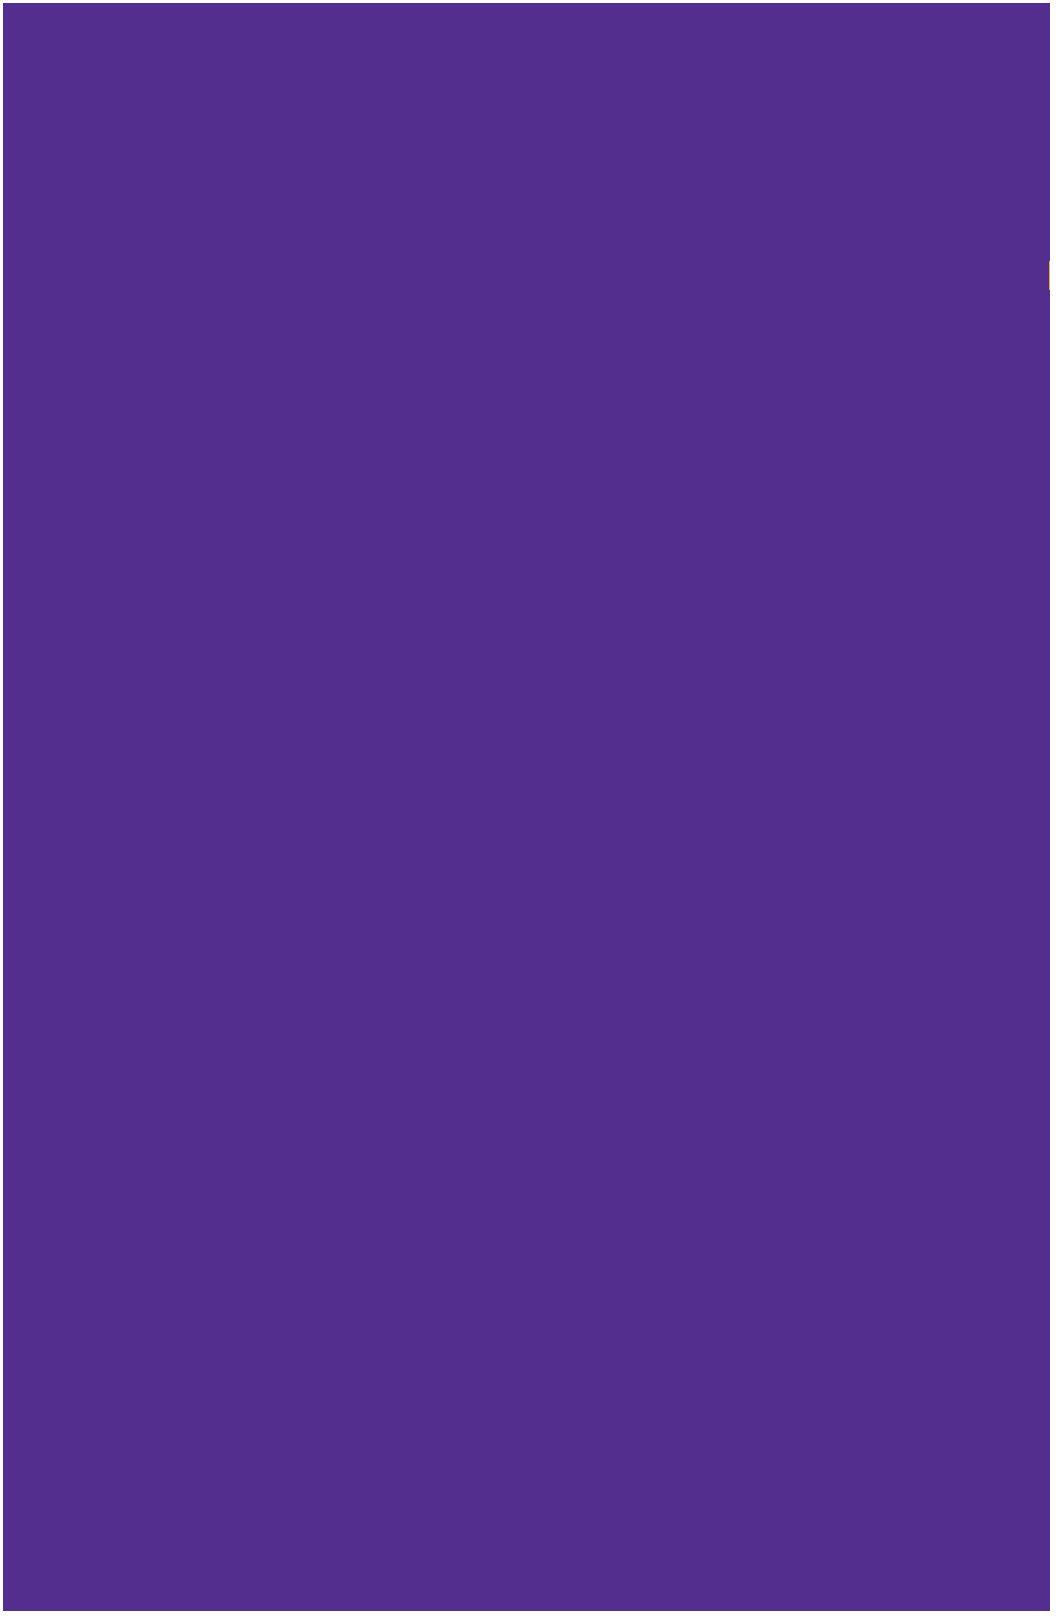 Karton kolor A1 fioletowy Lux Interdruk 117